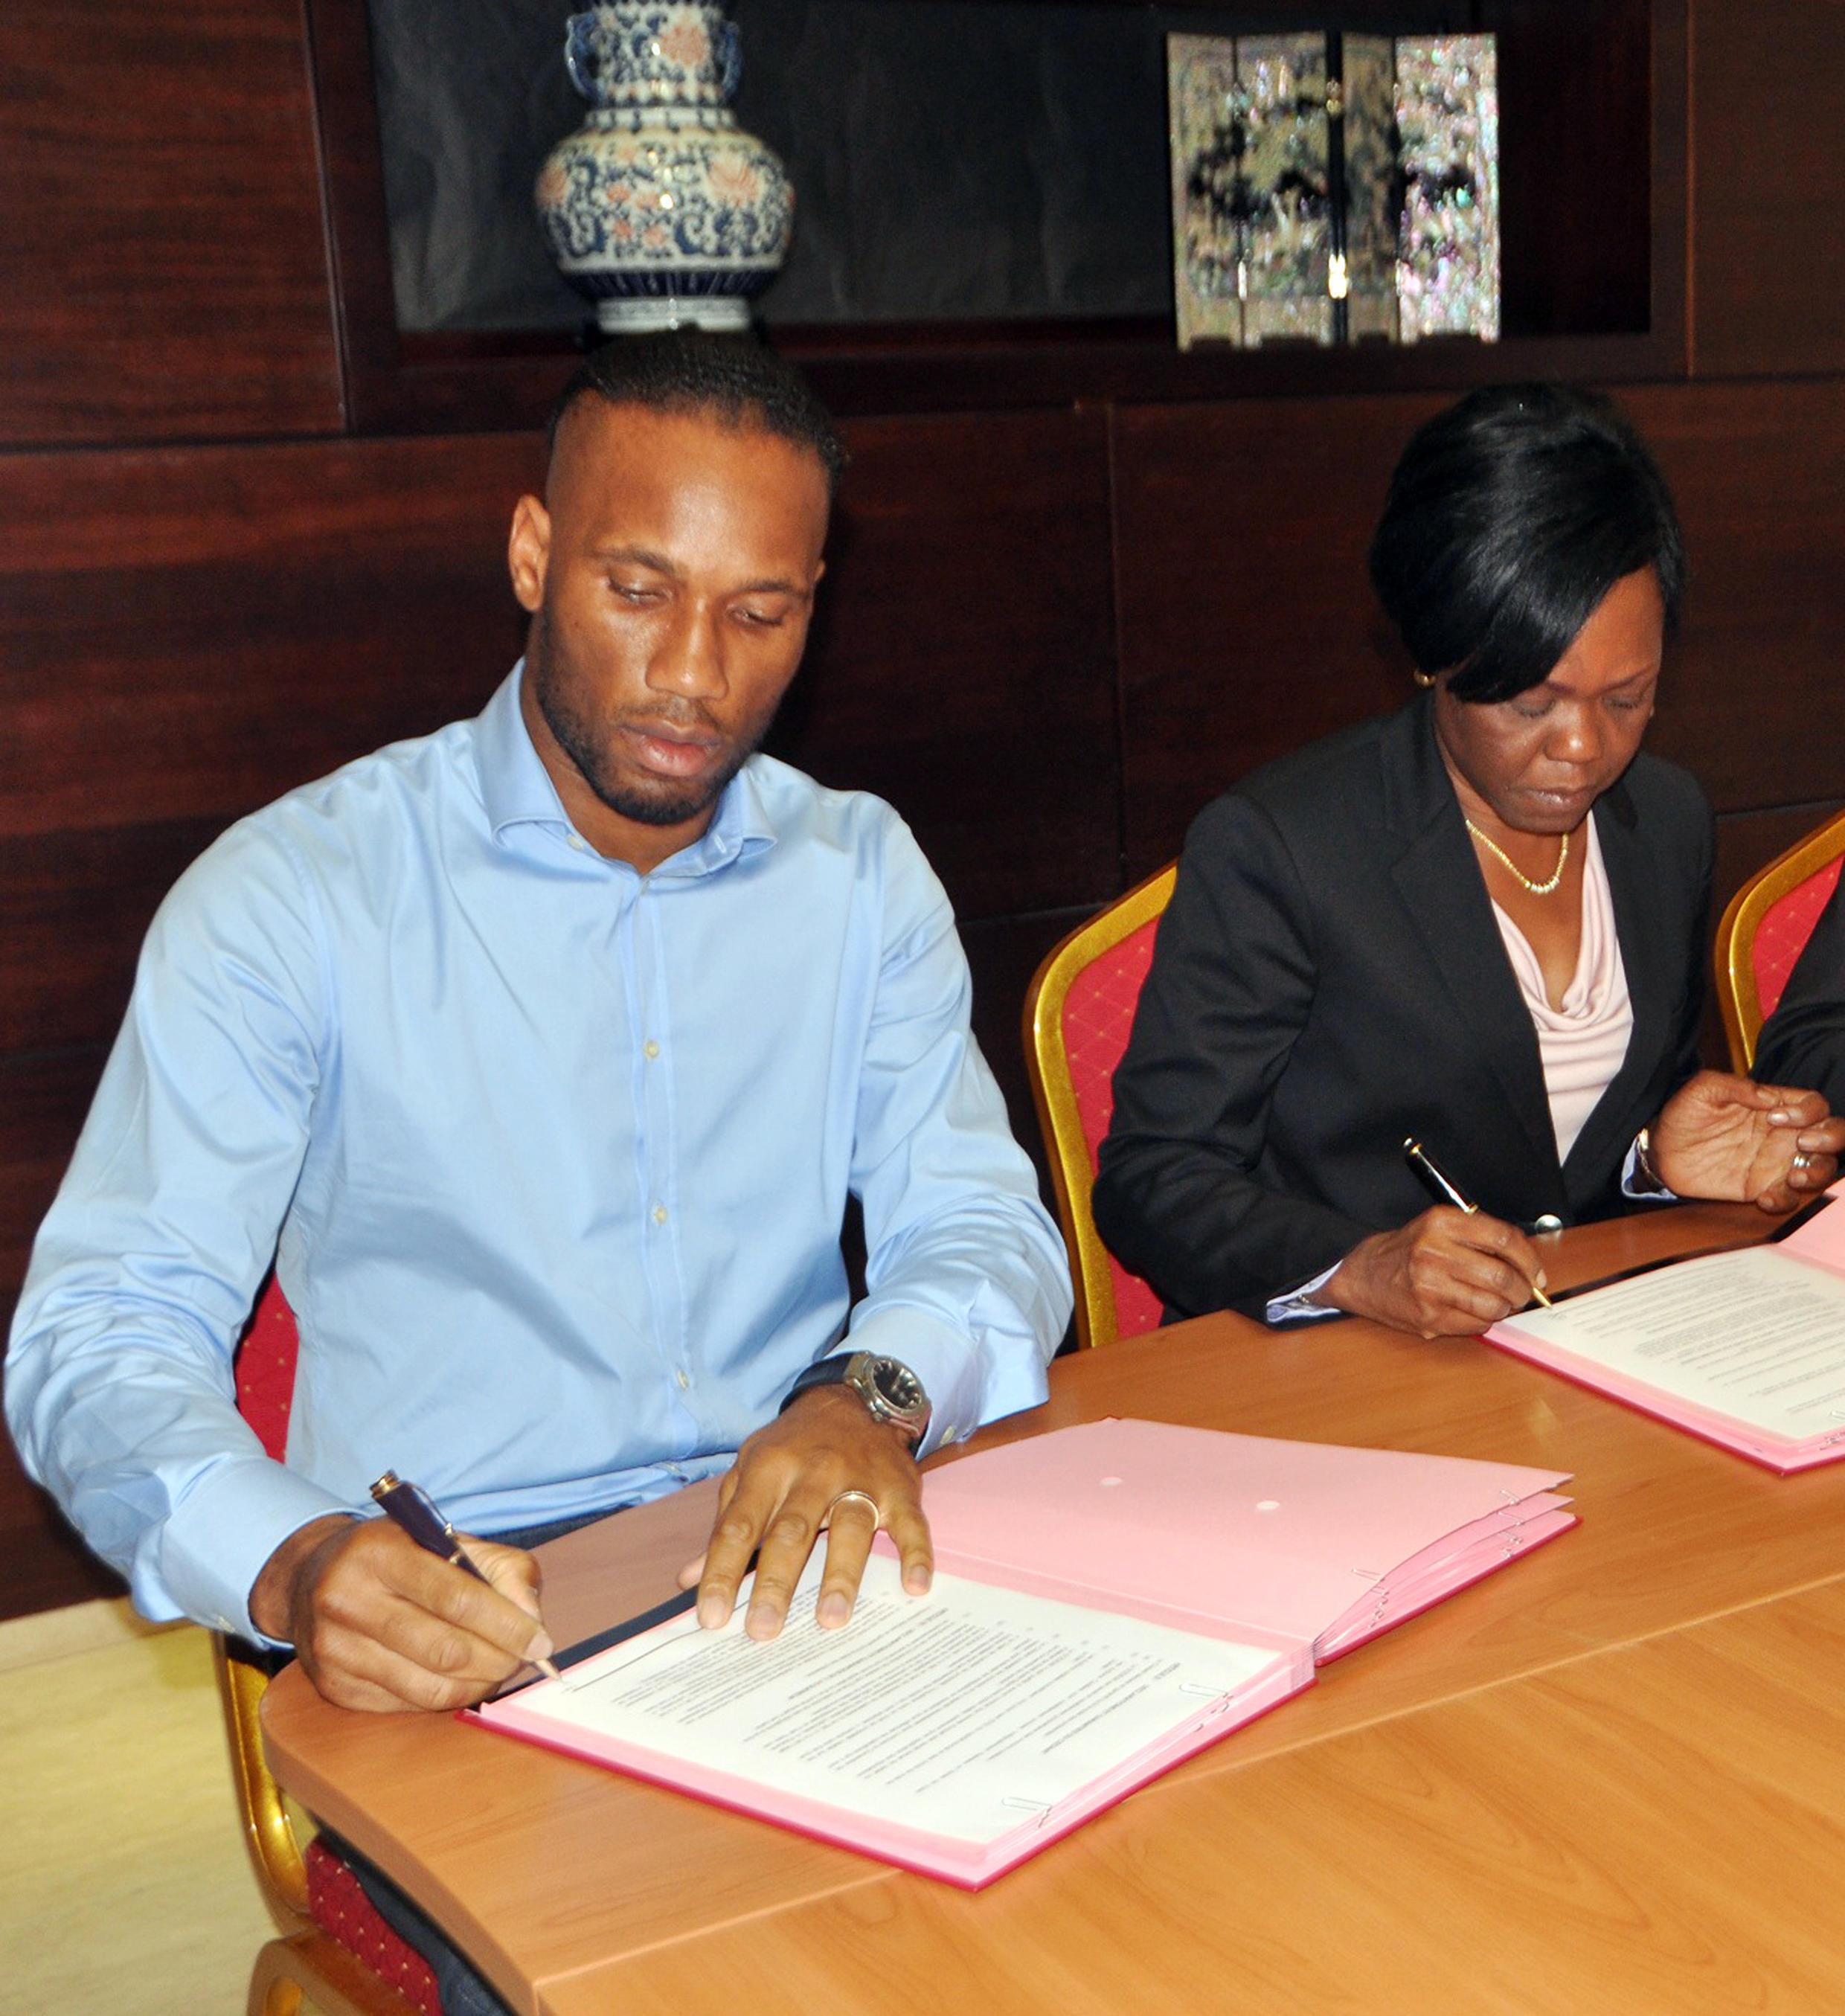 Didier Drogba (G) et Niale Kaba, la ministre de l'Economie et des Finances, signent le 7 janvier 2014 les documents qui officialisent l'acquisition par le fotballeur ivoirien de 5% du capital de la mine d'or d'Ity, en Côte d'Ivoire.